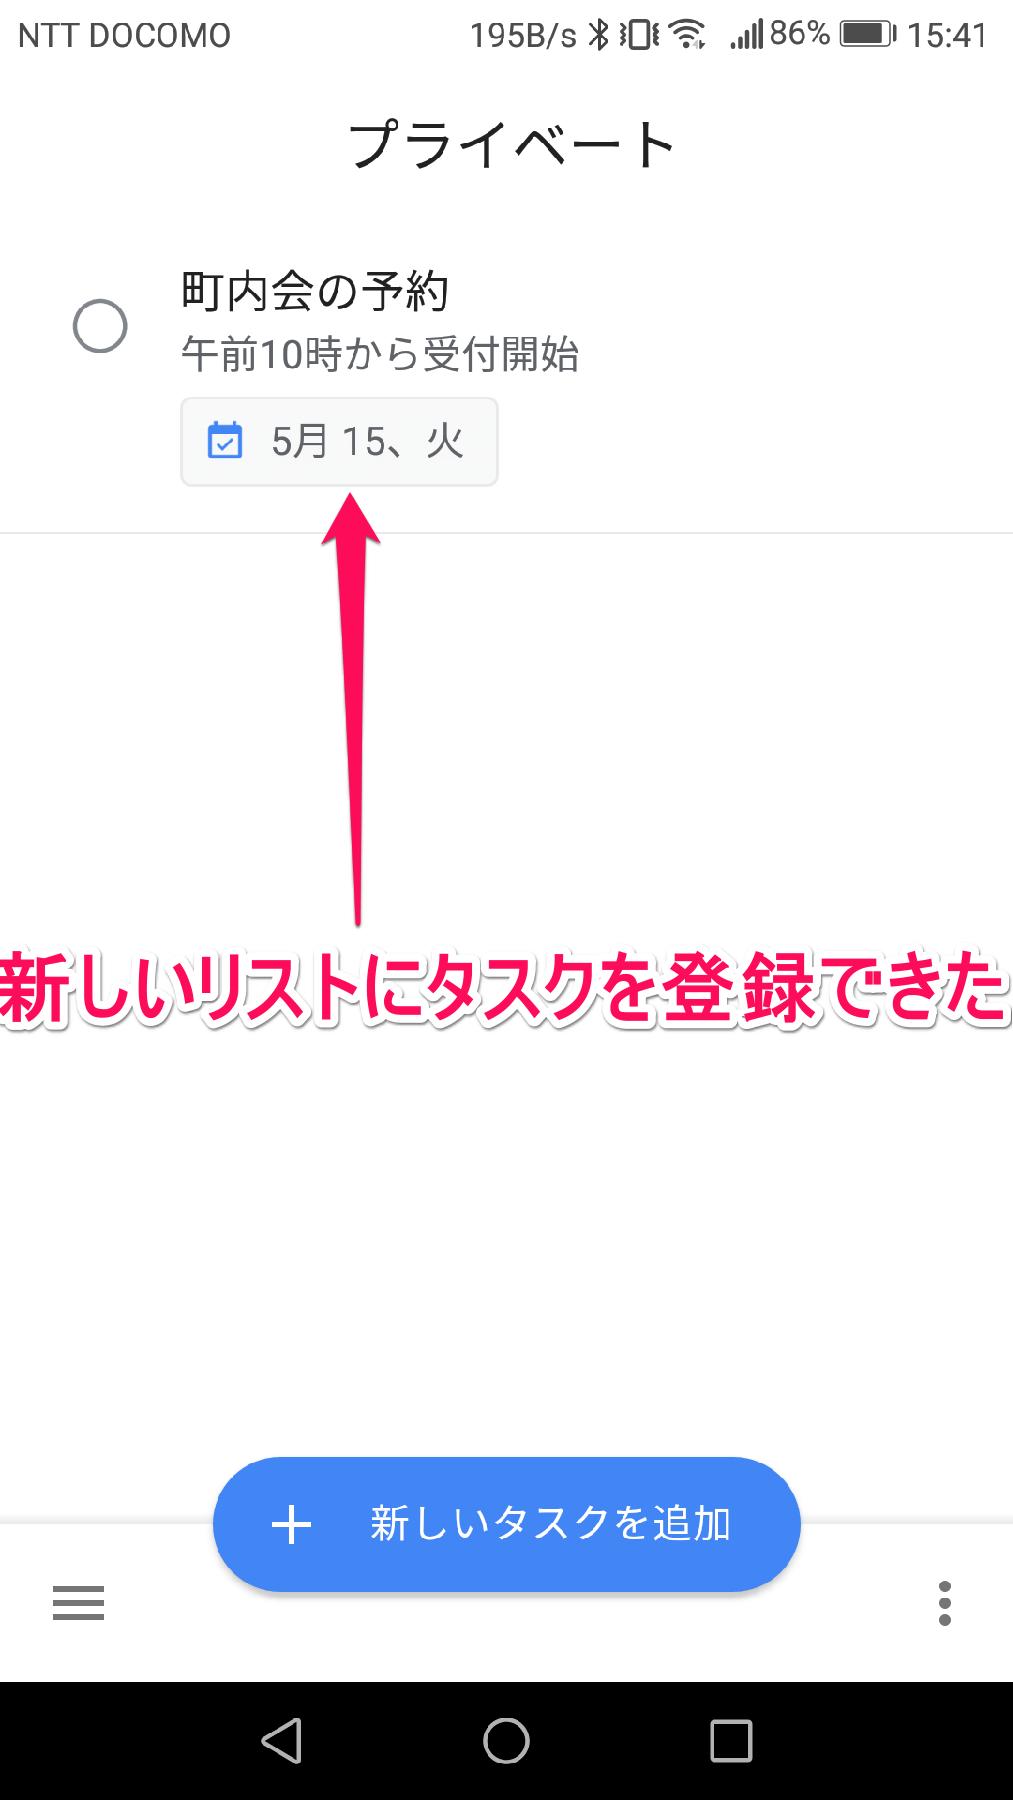 Google ToDoリストアプリ(グーグル トゥドゥリストアプリ)で新しいリストにタスクを登録できた画面